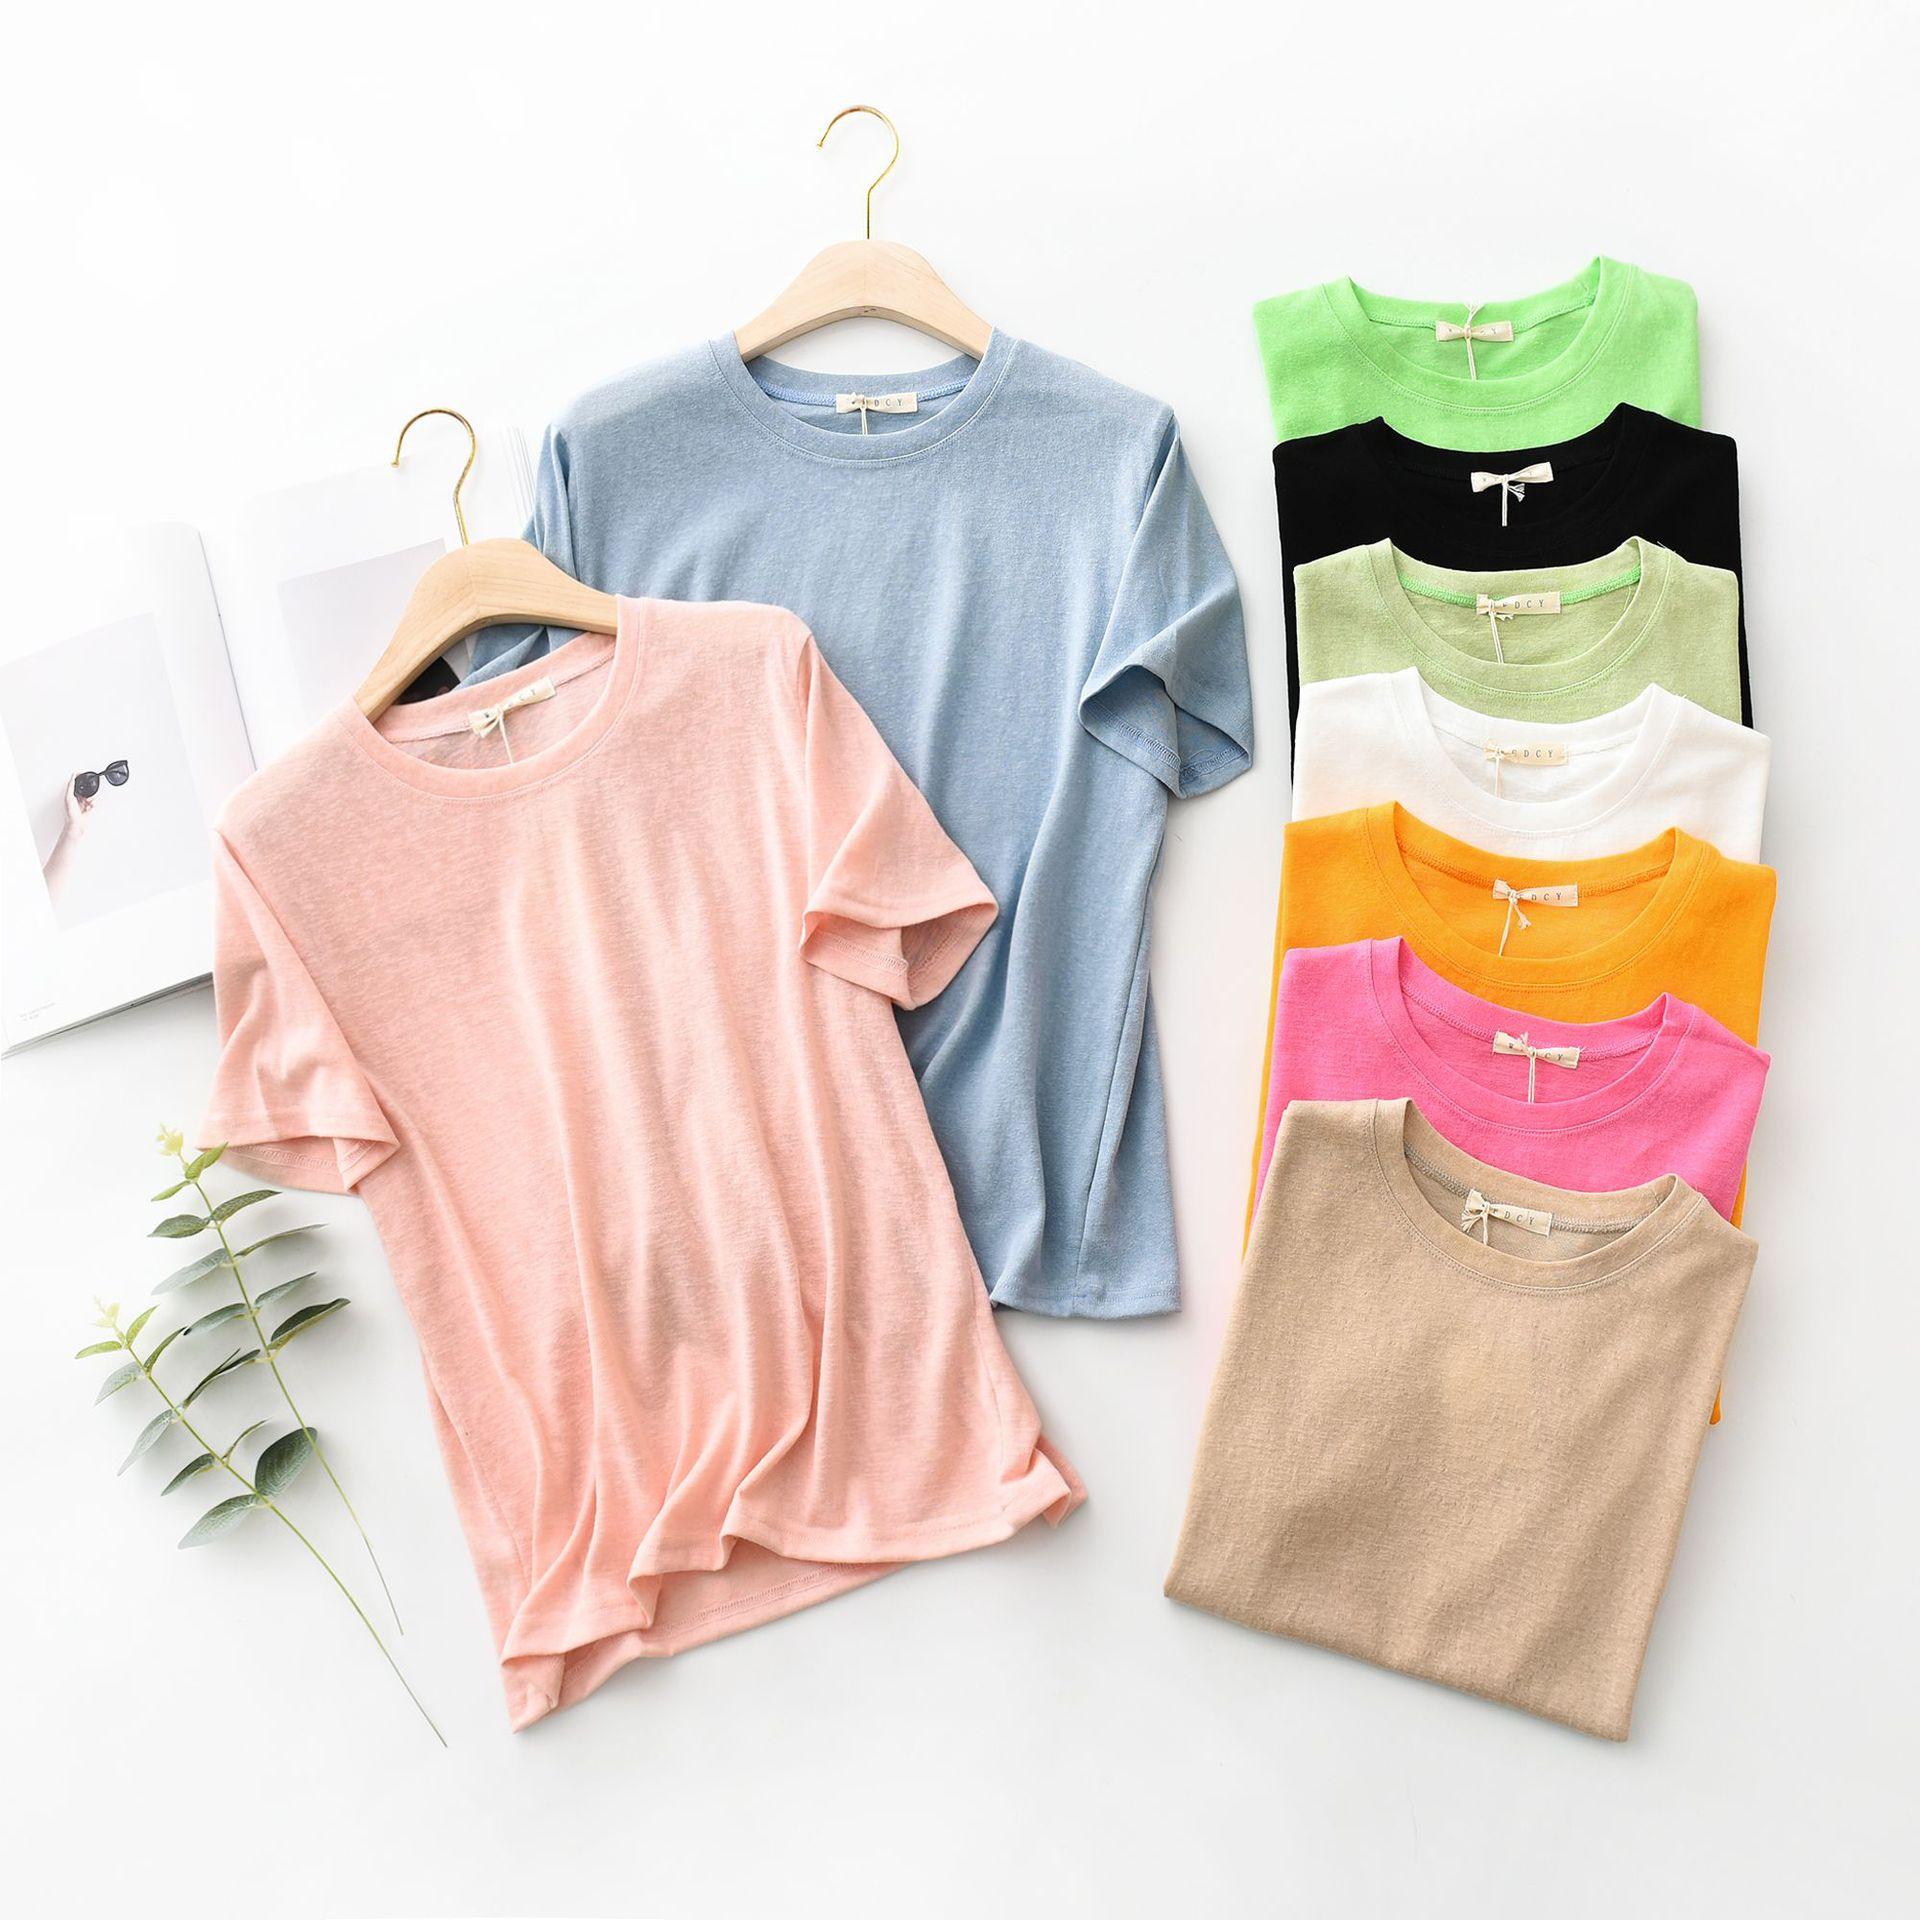 夏季新款圆领短袖T恤雪花亚麻纯色打底衫韩版时尚百搭宽松女上衣